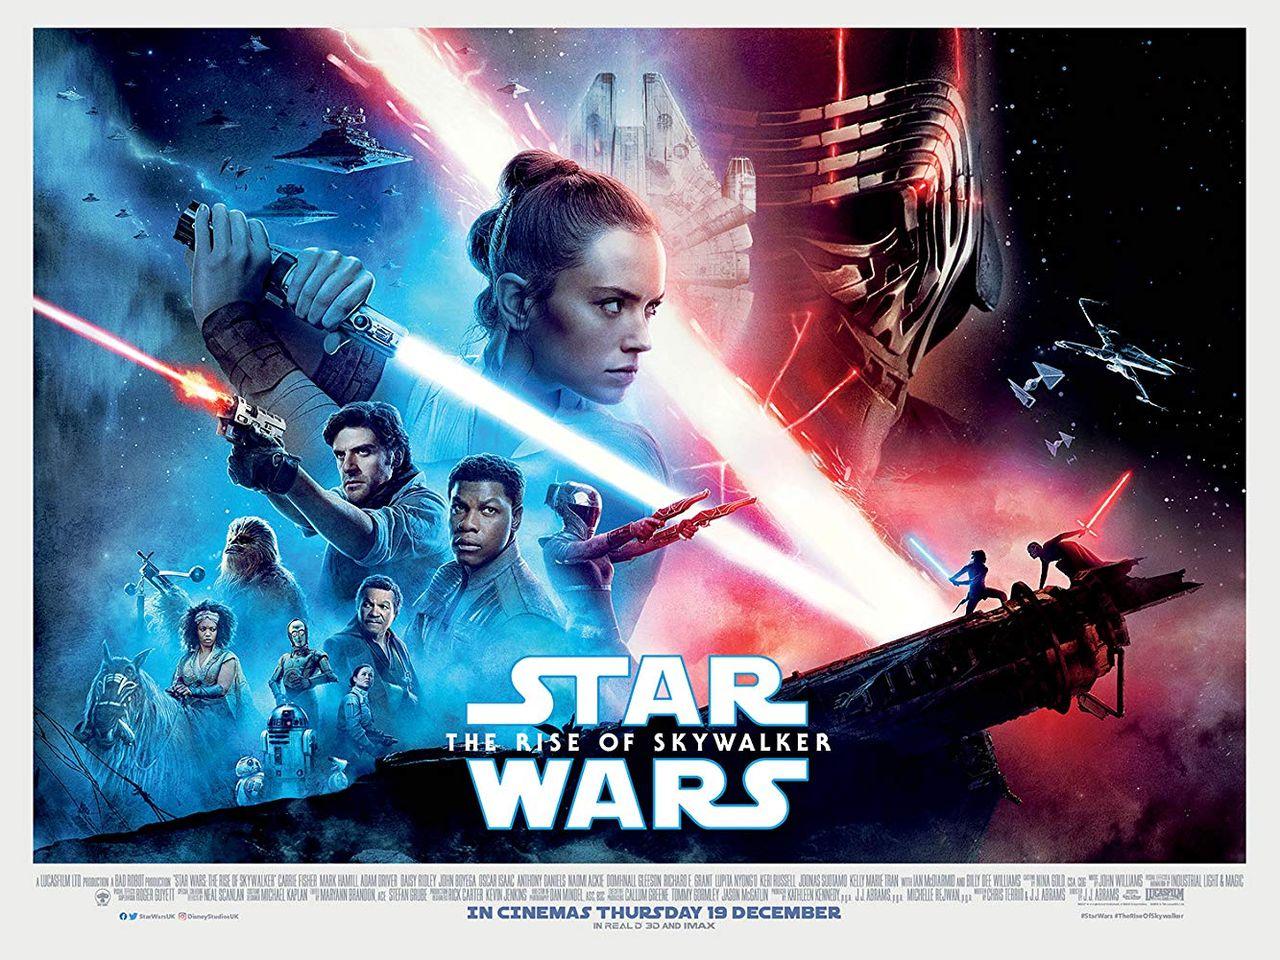 Vinn biljetter till galapremiären av The Rise of Skywalker